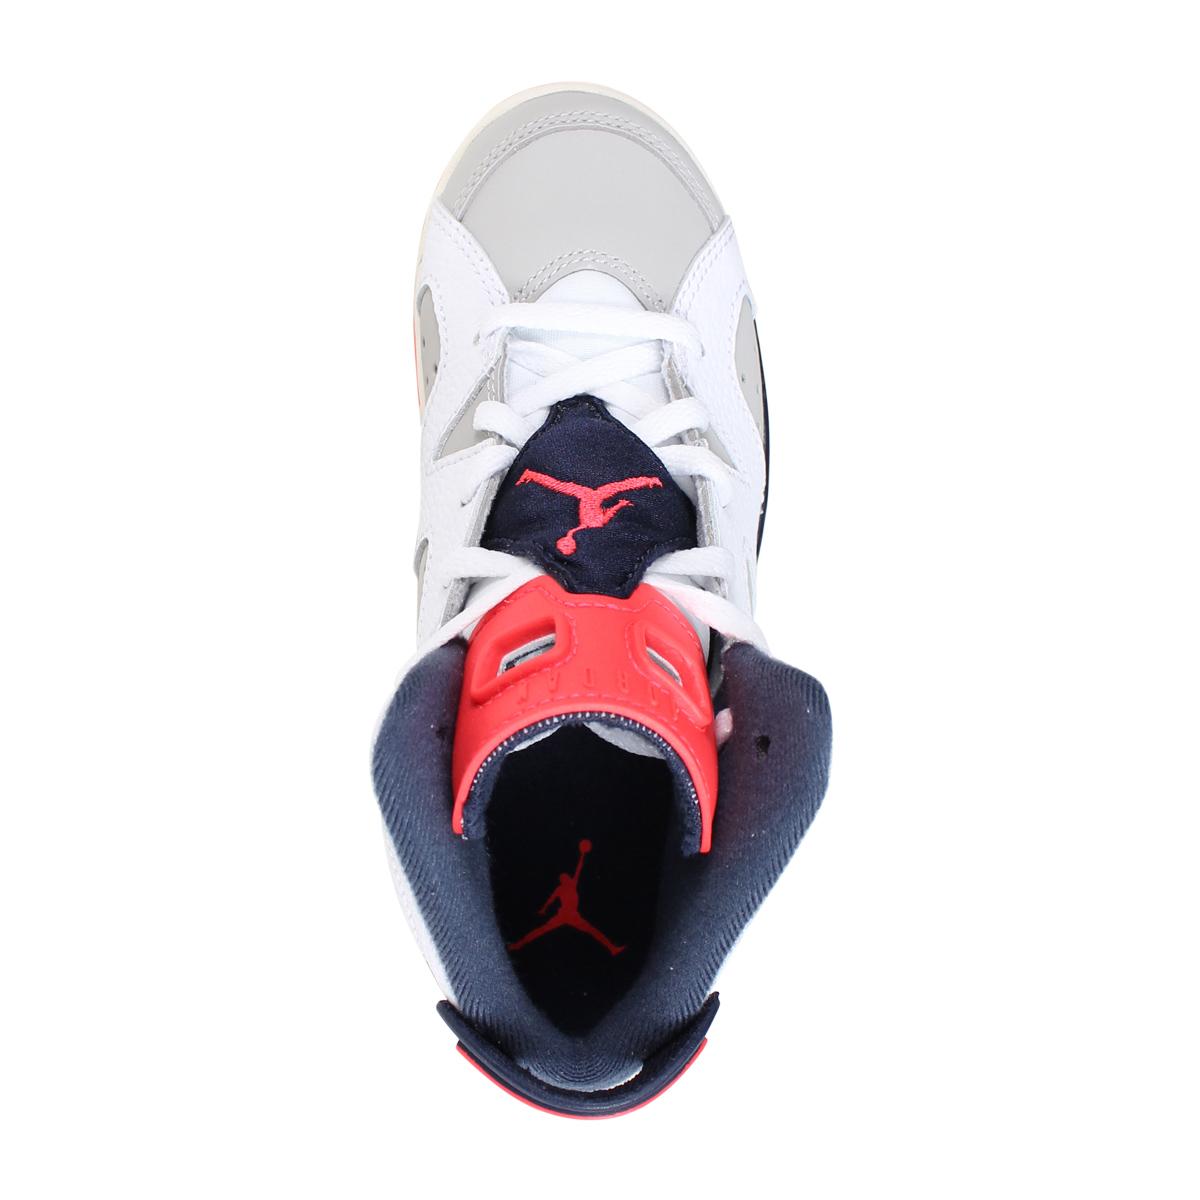 7ff79516bd40fb ... NIKE AIR JORDAN 6 RETRO PS TINKER Nike Air Jordan 6 nostalgic kids  sneakers 384,666- ...